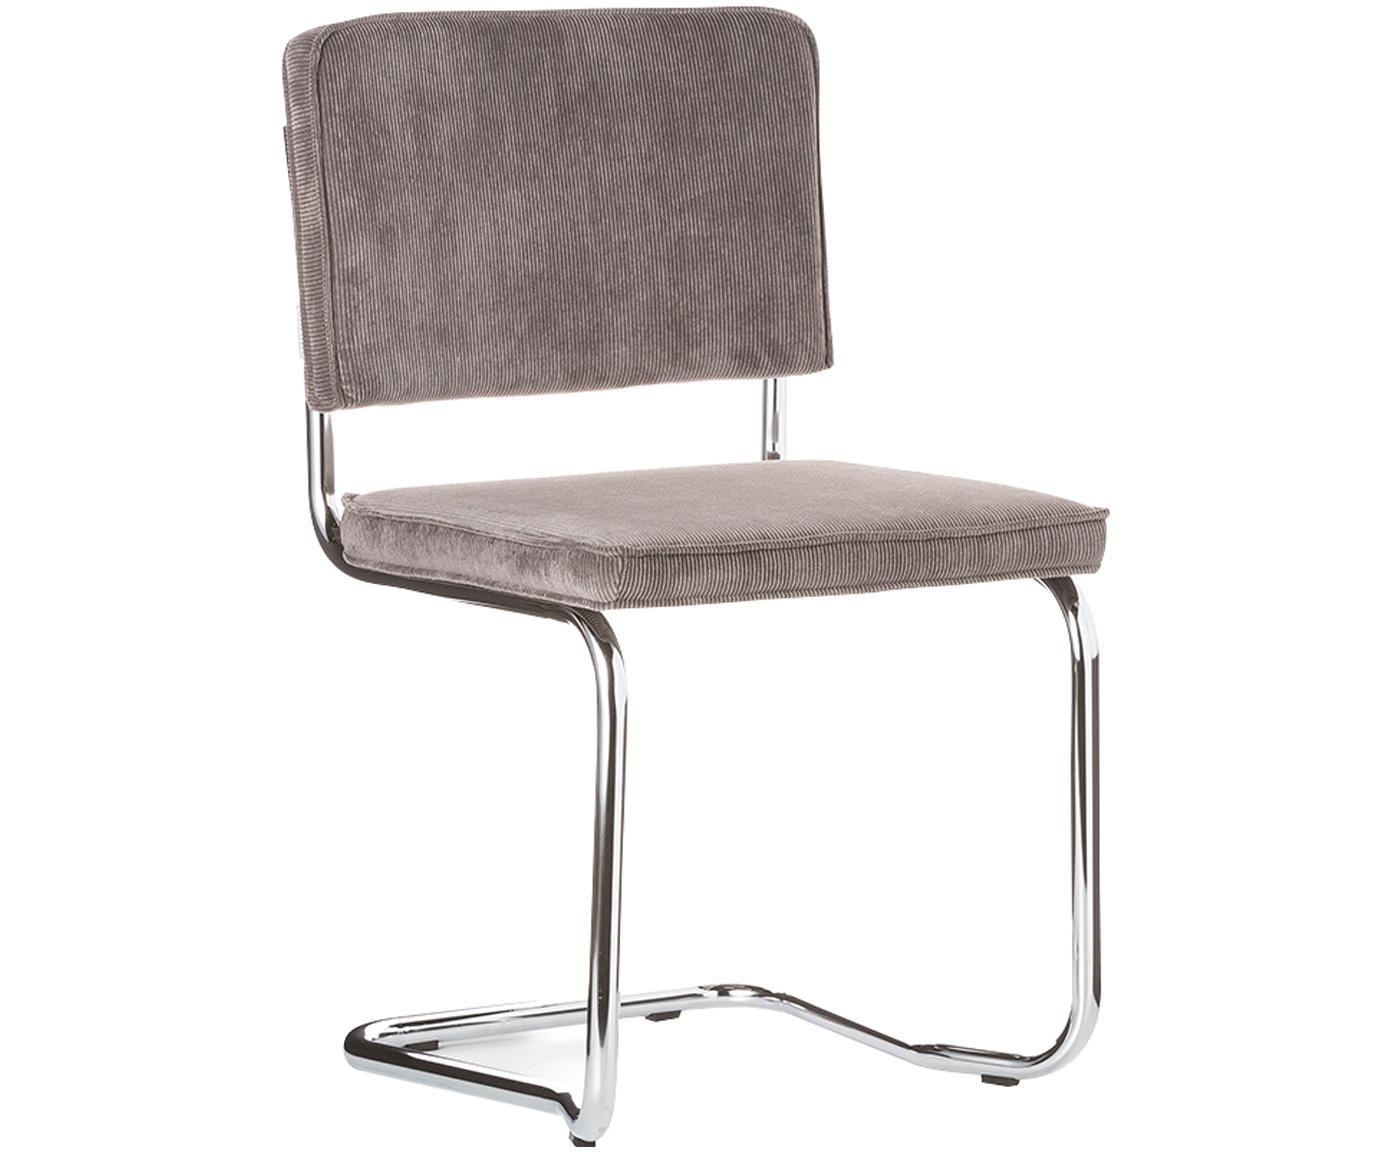 Krzesło podporowe Ridge Kink Chair, Tapicerka: 88%nylon, 12%poliester, Tapicerka: pianka poliuretanowa (sie, Stelaż: metal chromowany, Szary, S 48 x W 85 cm